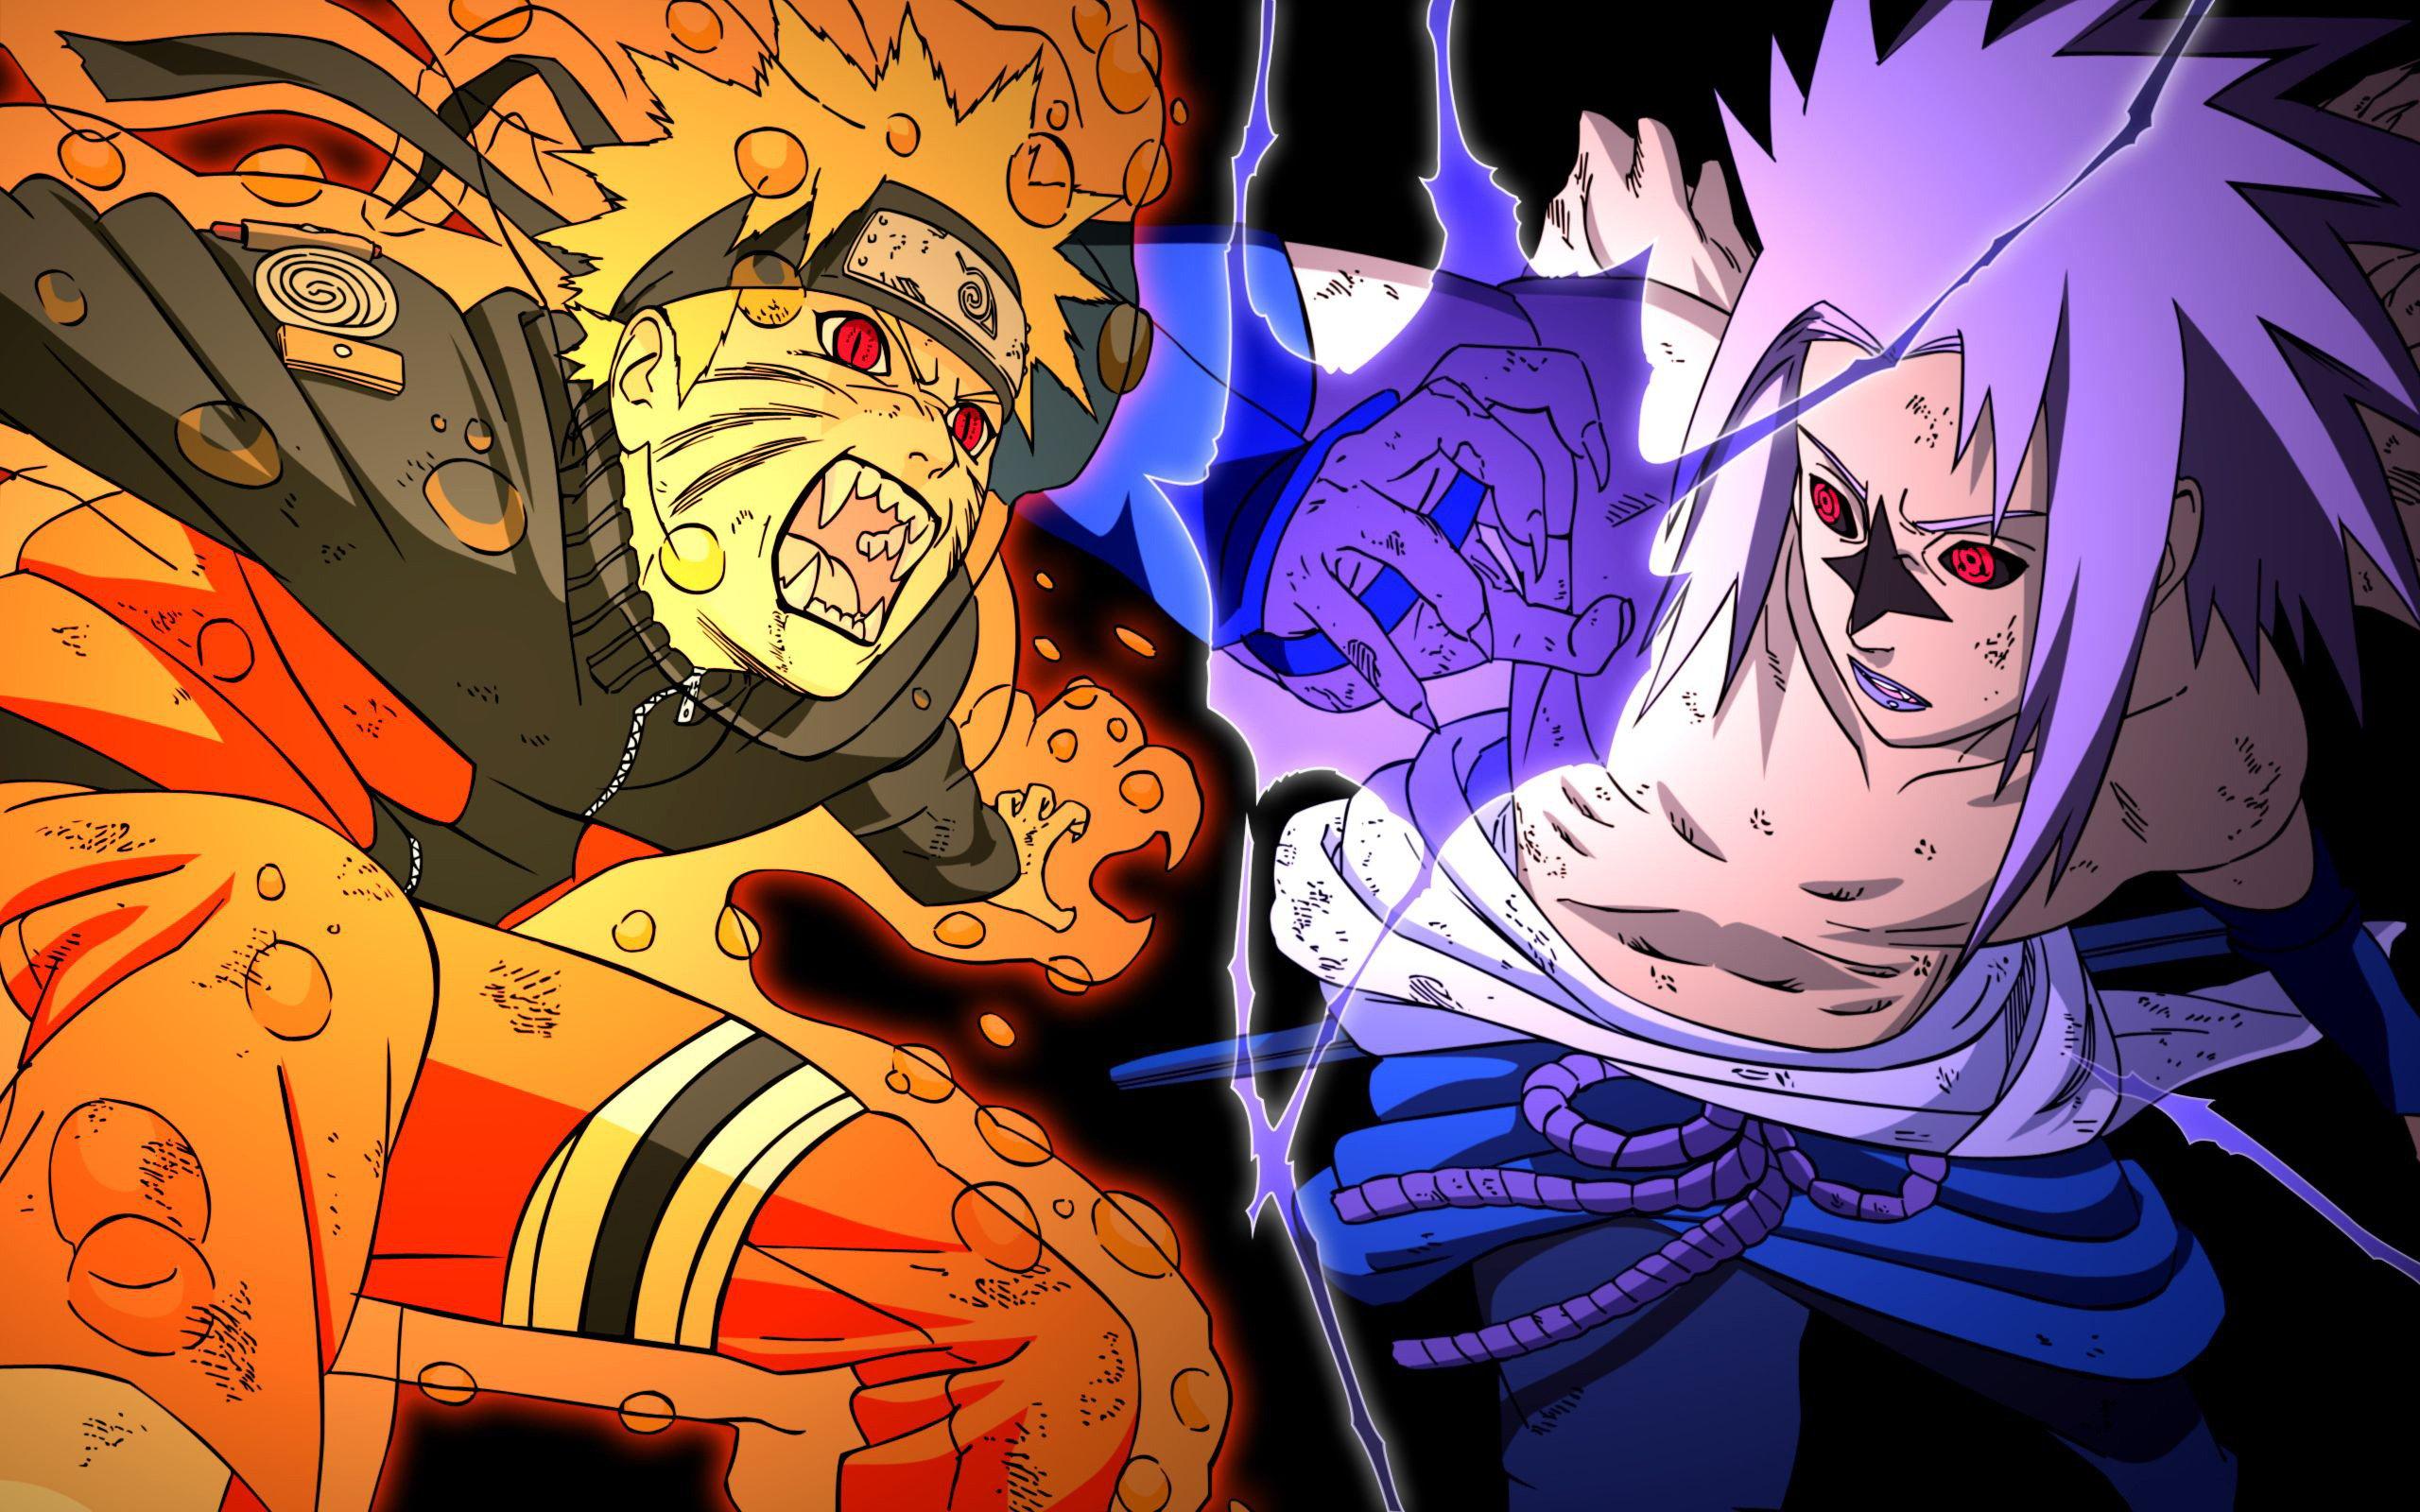 naruto vs sasuke naruto uzumaki sasuke uchiha anime 2560x1600 2560x1600